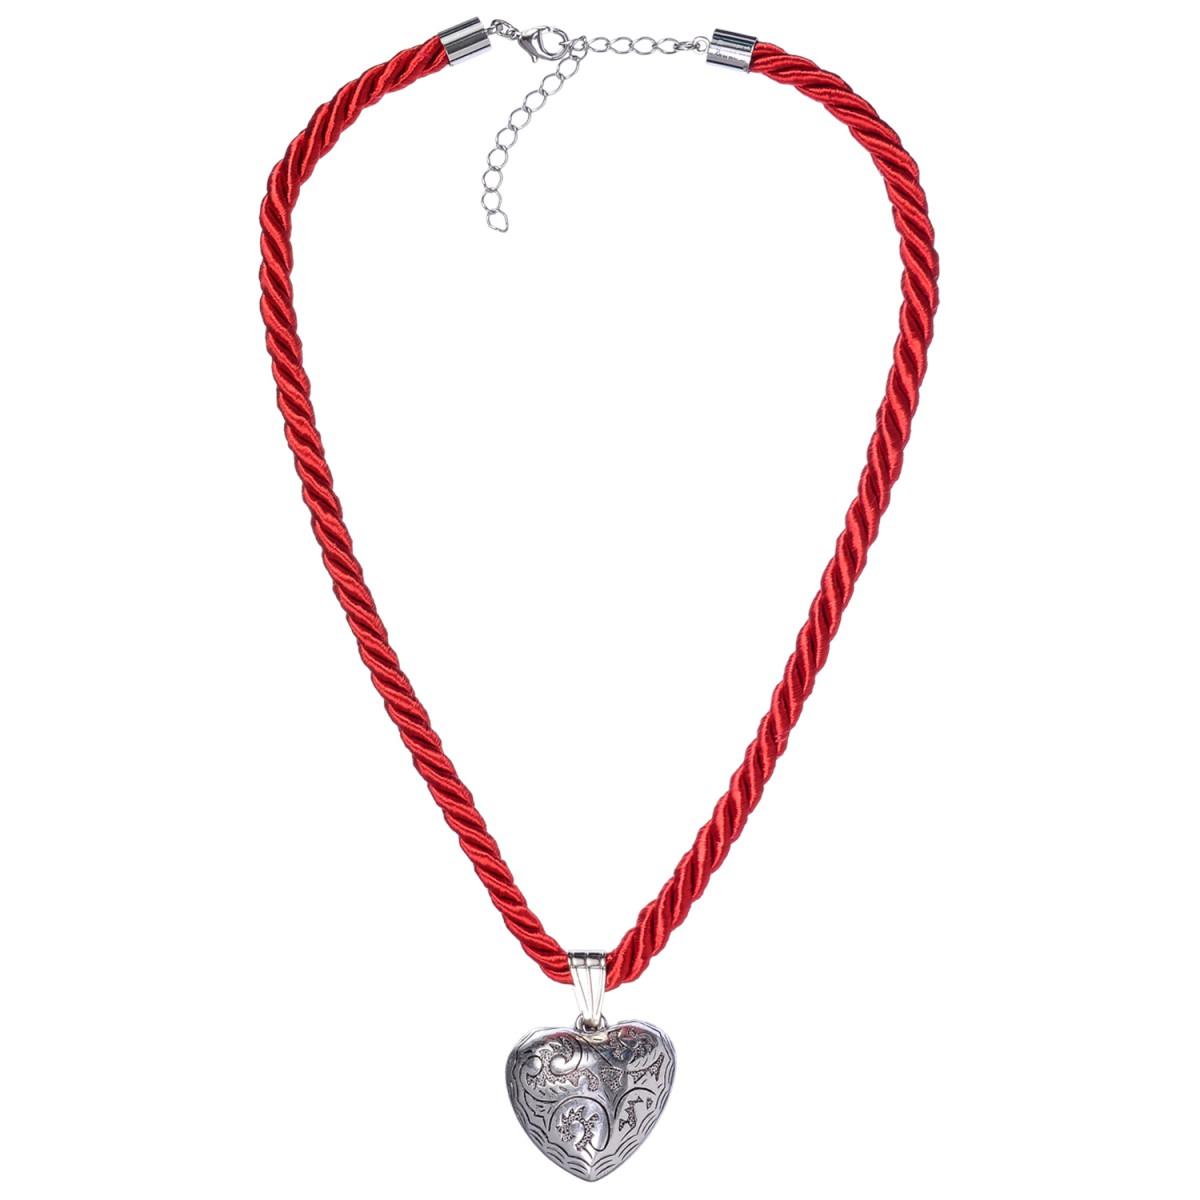 Kordelkette in Rot mit Herzanhänger von Schlick Accessoires günstig online kaufen